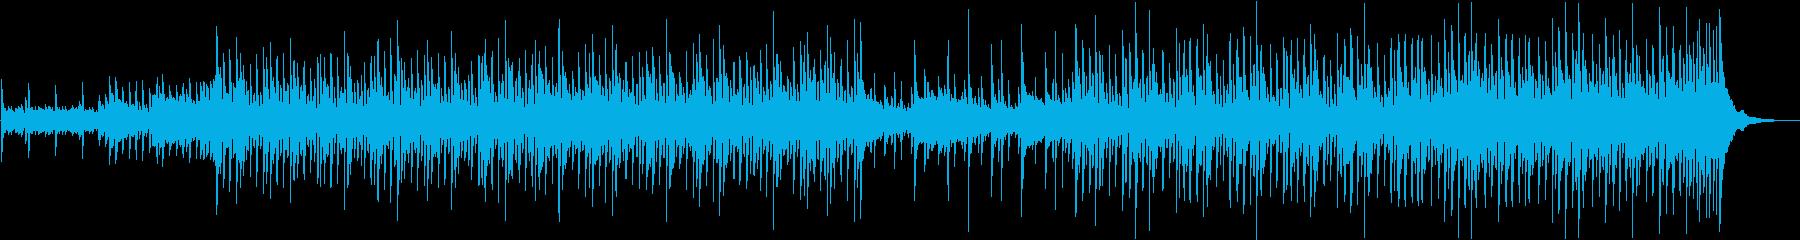 気持ちの上がる優しいカントリー風音楽の再生済みの波形